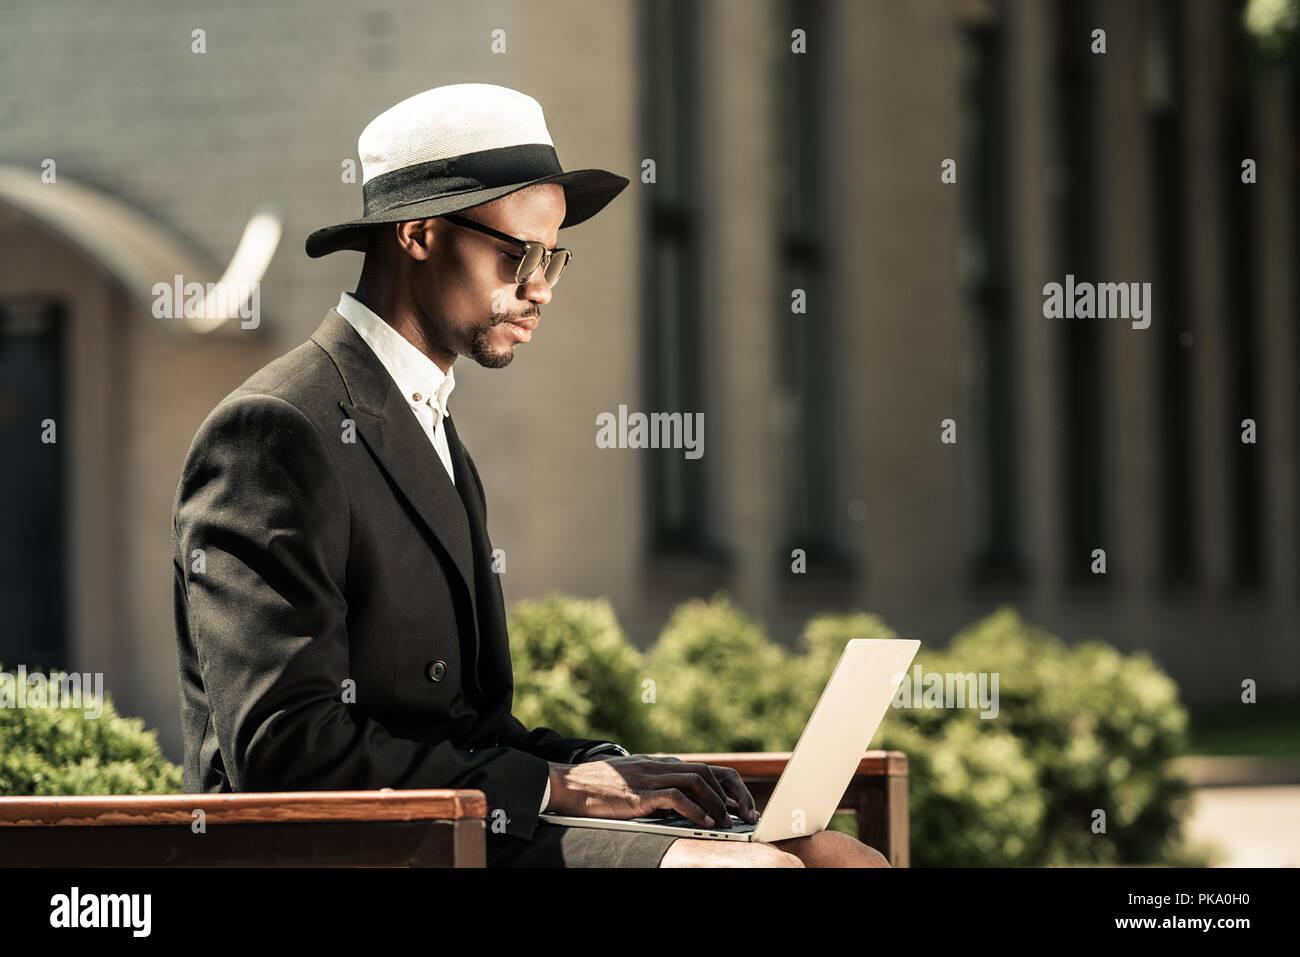 Man Wearing Fedora African American Stock Photos & Man